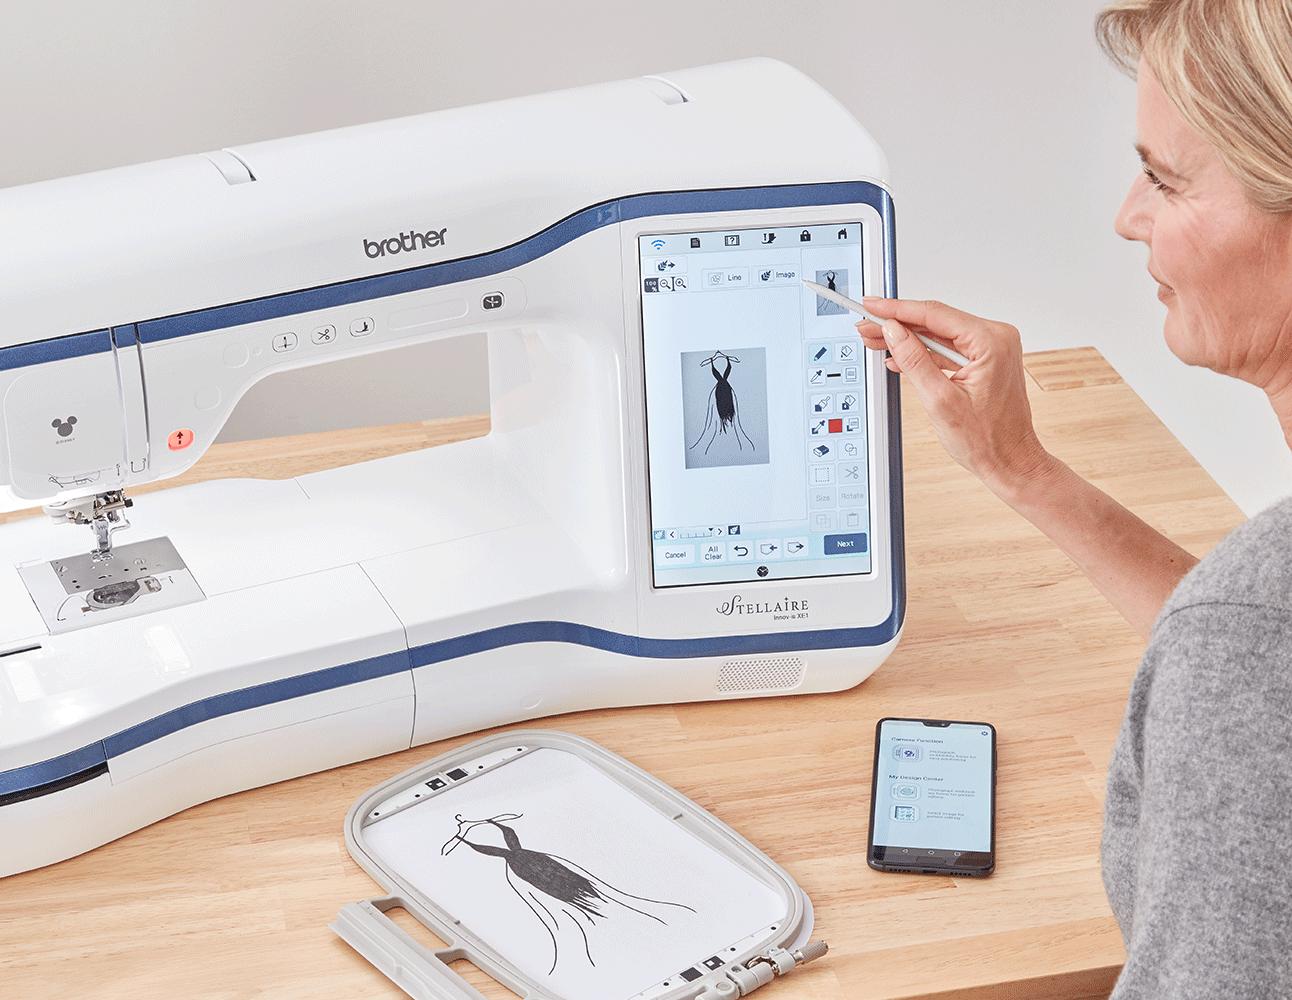 Skizze eines Kleids in Rahmen, Handy mit My Design App und Stellaire